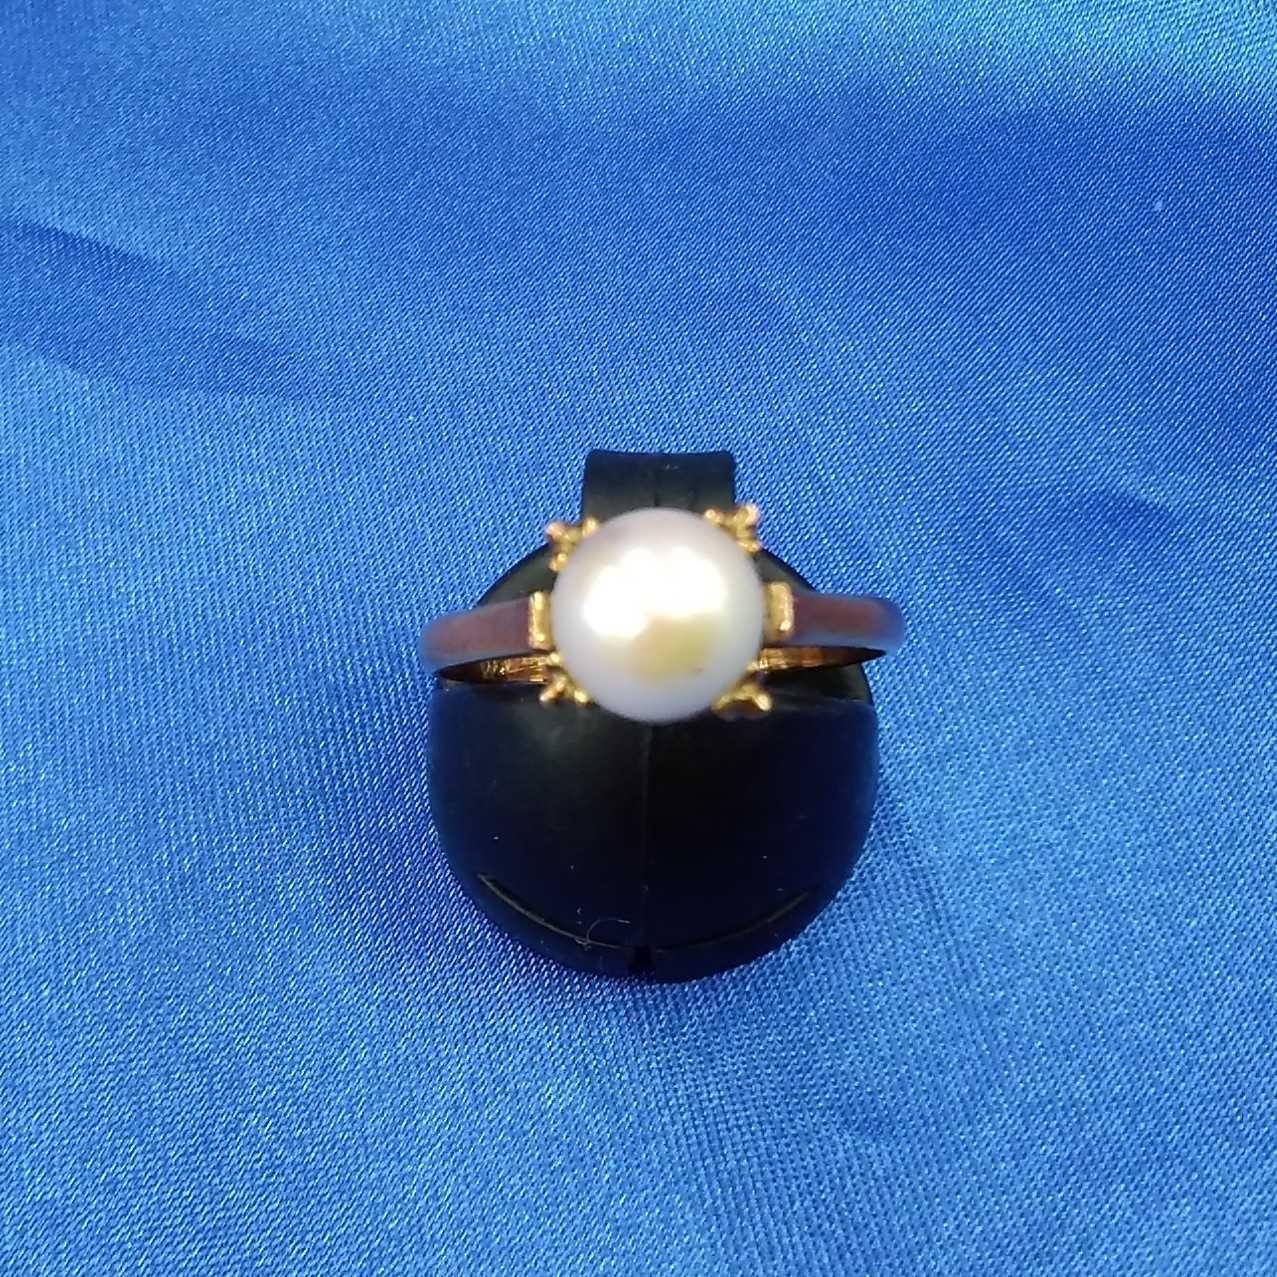 K18リング 金18リング 指輪 NARDI